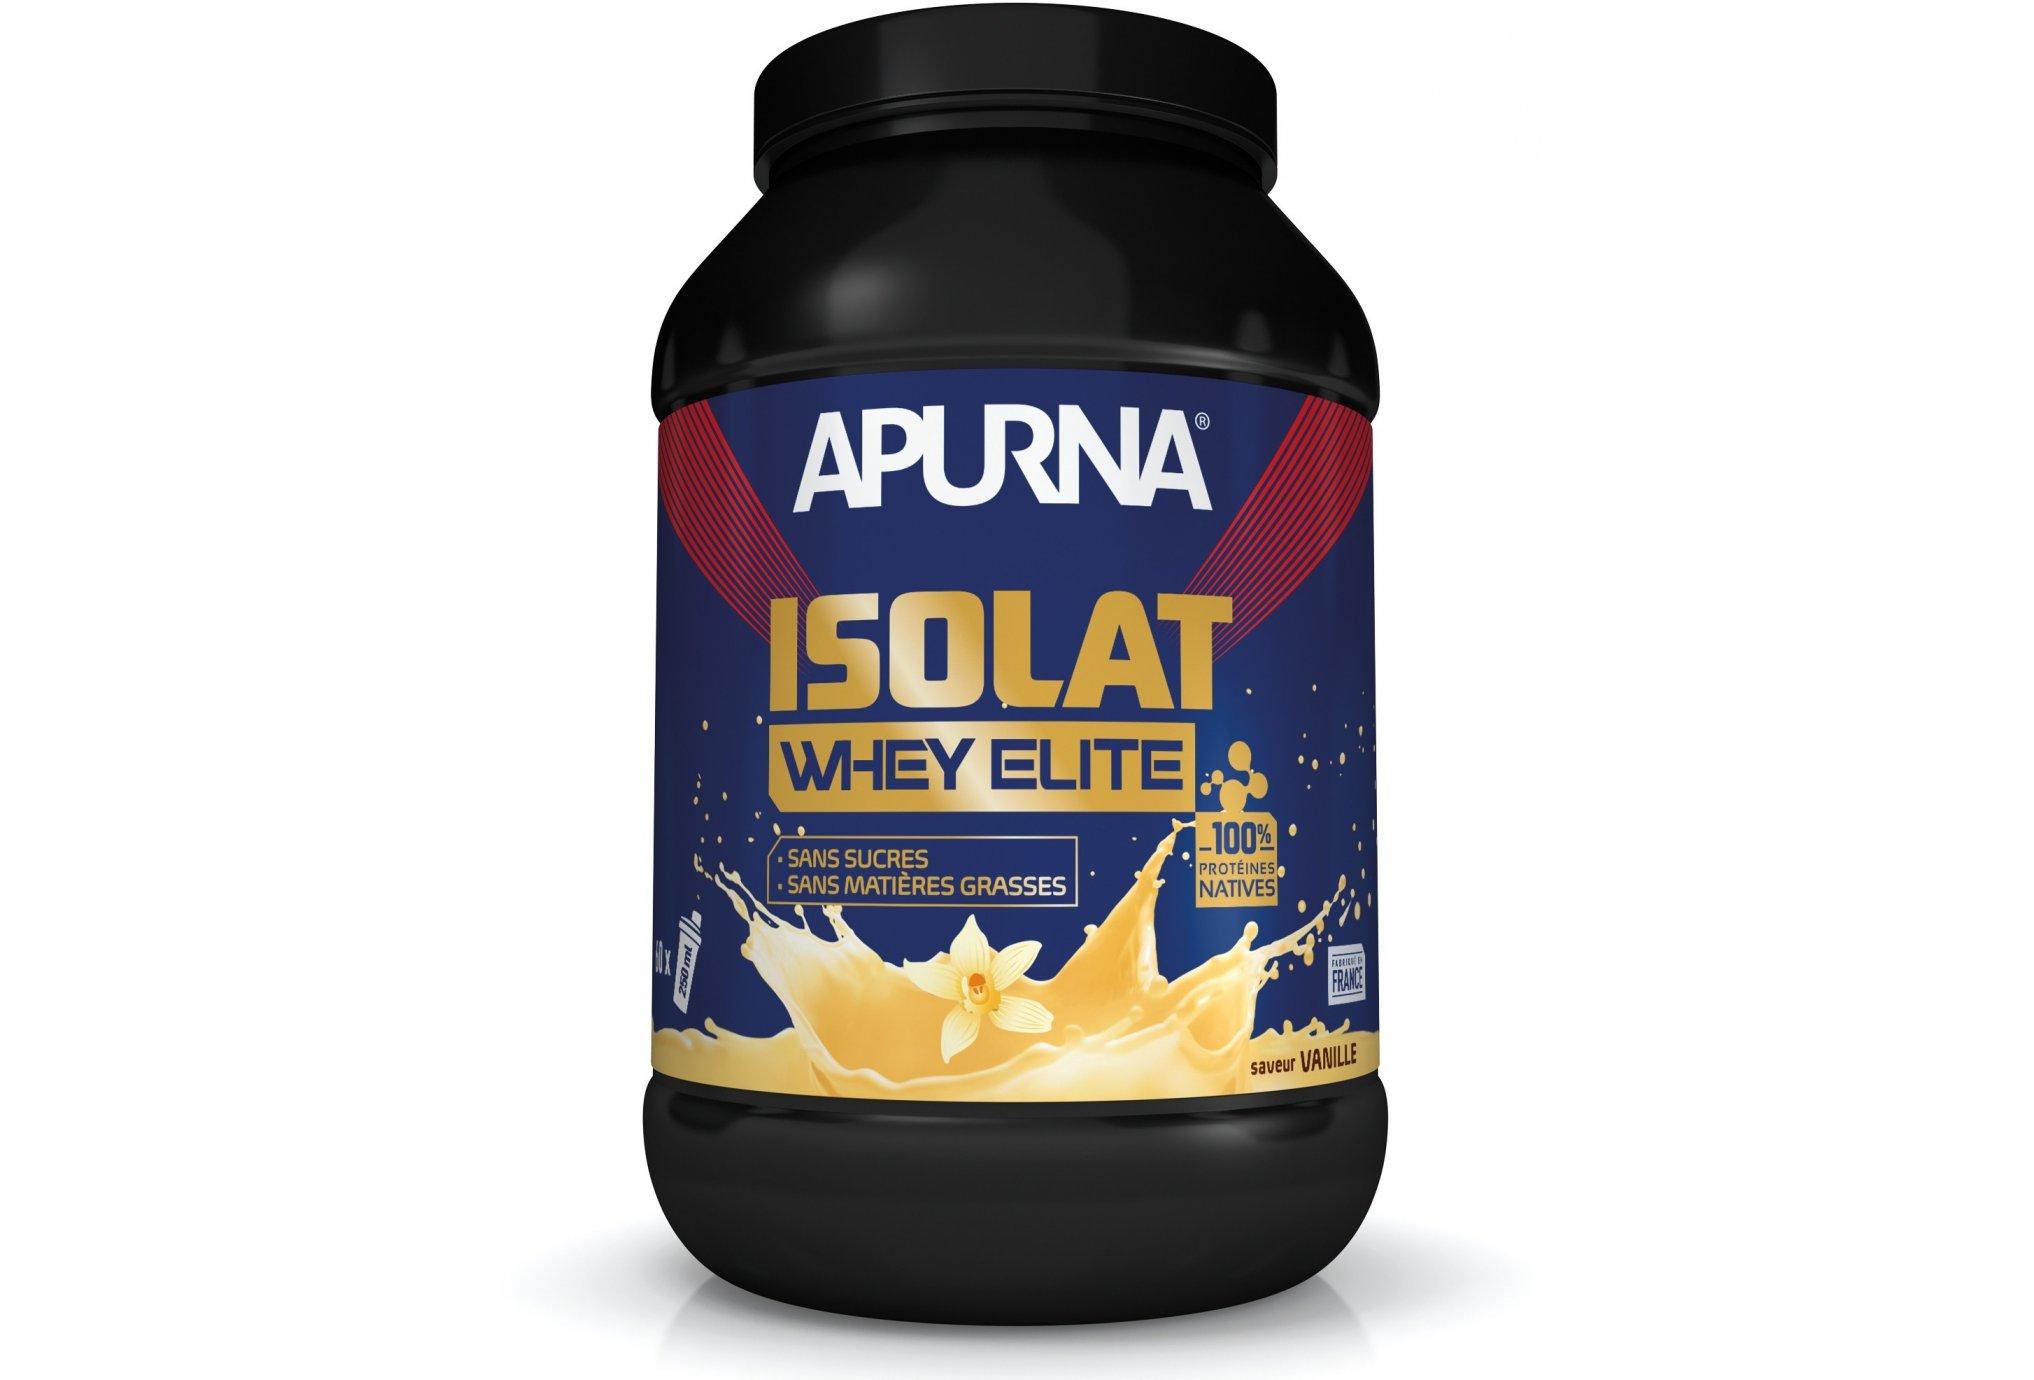 Apurna Isolat whey elite - vanille diététique protéines / récupération